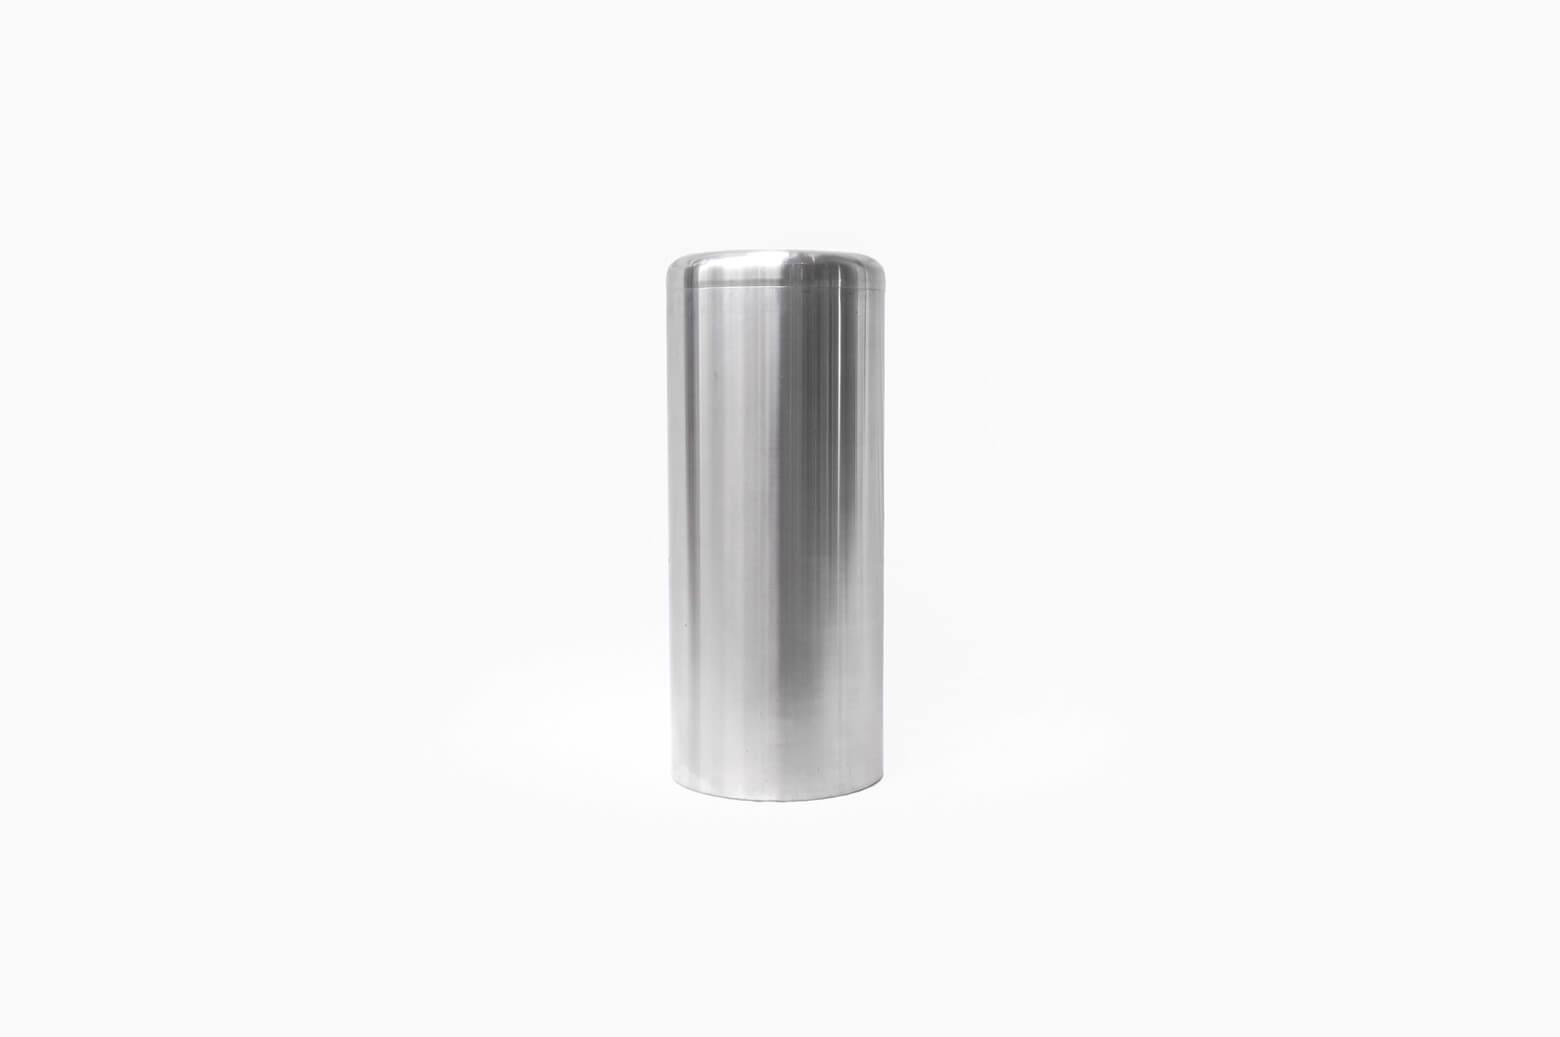 ステンレスがクールな雰囲気を演出してくれる、シンプルなデザインのダストボックス。 中にはワイヤーバスケットが入っており、お手入れやゴミ出しにも便利です。 ゴミを入れるための物だし、お部屋の隅に置いておくくらいだから、デザインなんてどうでもいいでしょ!なんて思っている方、いえいえゴミ箱だって立派なインテリアなんですよ。 たかがゴミ箱ひとつであっても、お部屋の雰囲気を台無しにしてしまうことだってあるんです。 お気に入りのデザイナーズアイテムを並べたとっておきのお部屋、ぜひゴミ箱もインテリアのひとつとしておしゃれなアイテムで揃えてみてはいかがでしょうか♪ 全体的に細かな傷や擦れがございます。 錆、変色がございます。 中のバスケットに塗装の剥がれがございます。 どうしても生活感が出てしまう物でもあるのがゴミ箱… こんな風におしゃれで清潔感のあるものを選べば、お部屋の雰囲気を壊さずインテリアともすんなりと馴染んでくれますよ! ~【東京都杉並区阿佐ヶ谷北アンティークショップ 古一】 古一/ふるいちでは出張無料買取も行っております。杉並区周辺はもちろん、世田谷区・目黒区・武蔵野市・新宿区等の東京近郊のお見積もりも!ビンテージ家具・インテリア雑貨・ランプ・USED品・ リサイクルなら古一/フルイチへ~